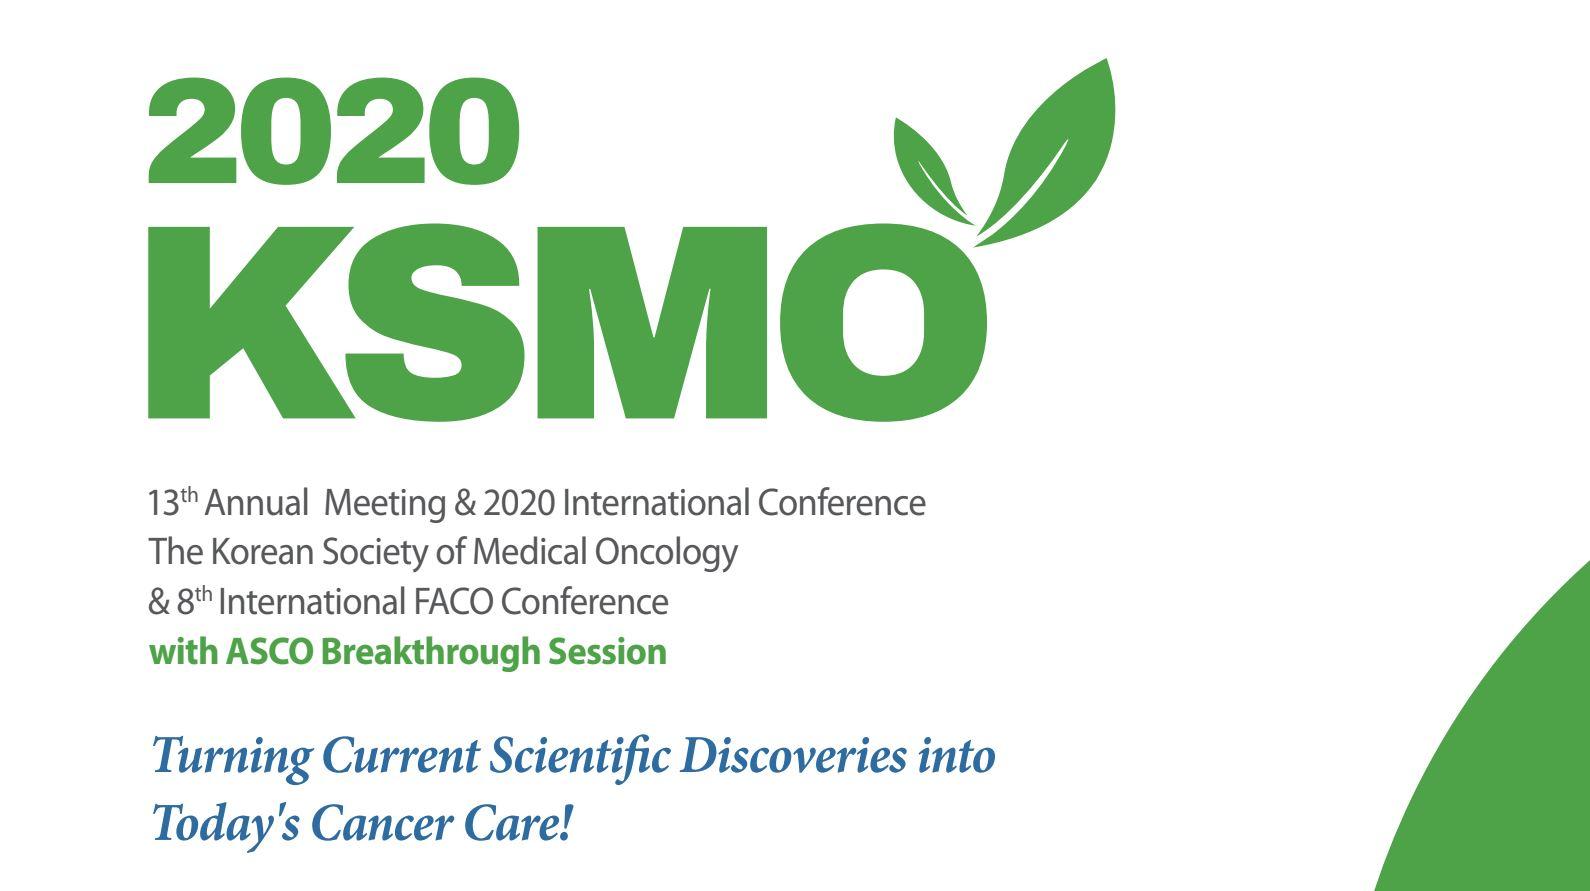 13-е Ежегодное собрание Корейского сообщества медицинской онкологии и другие мероприятия